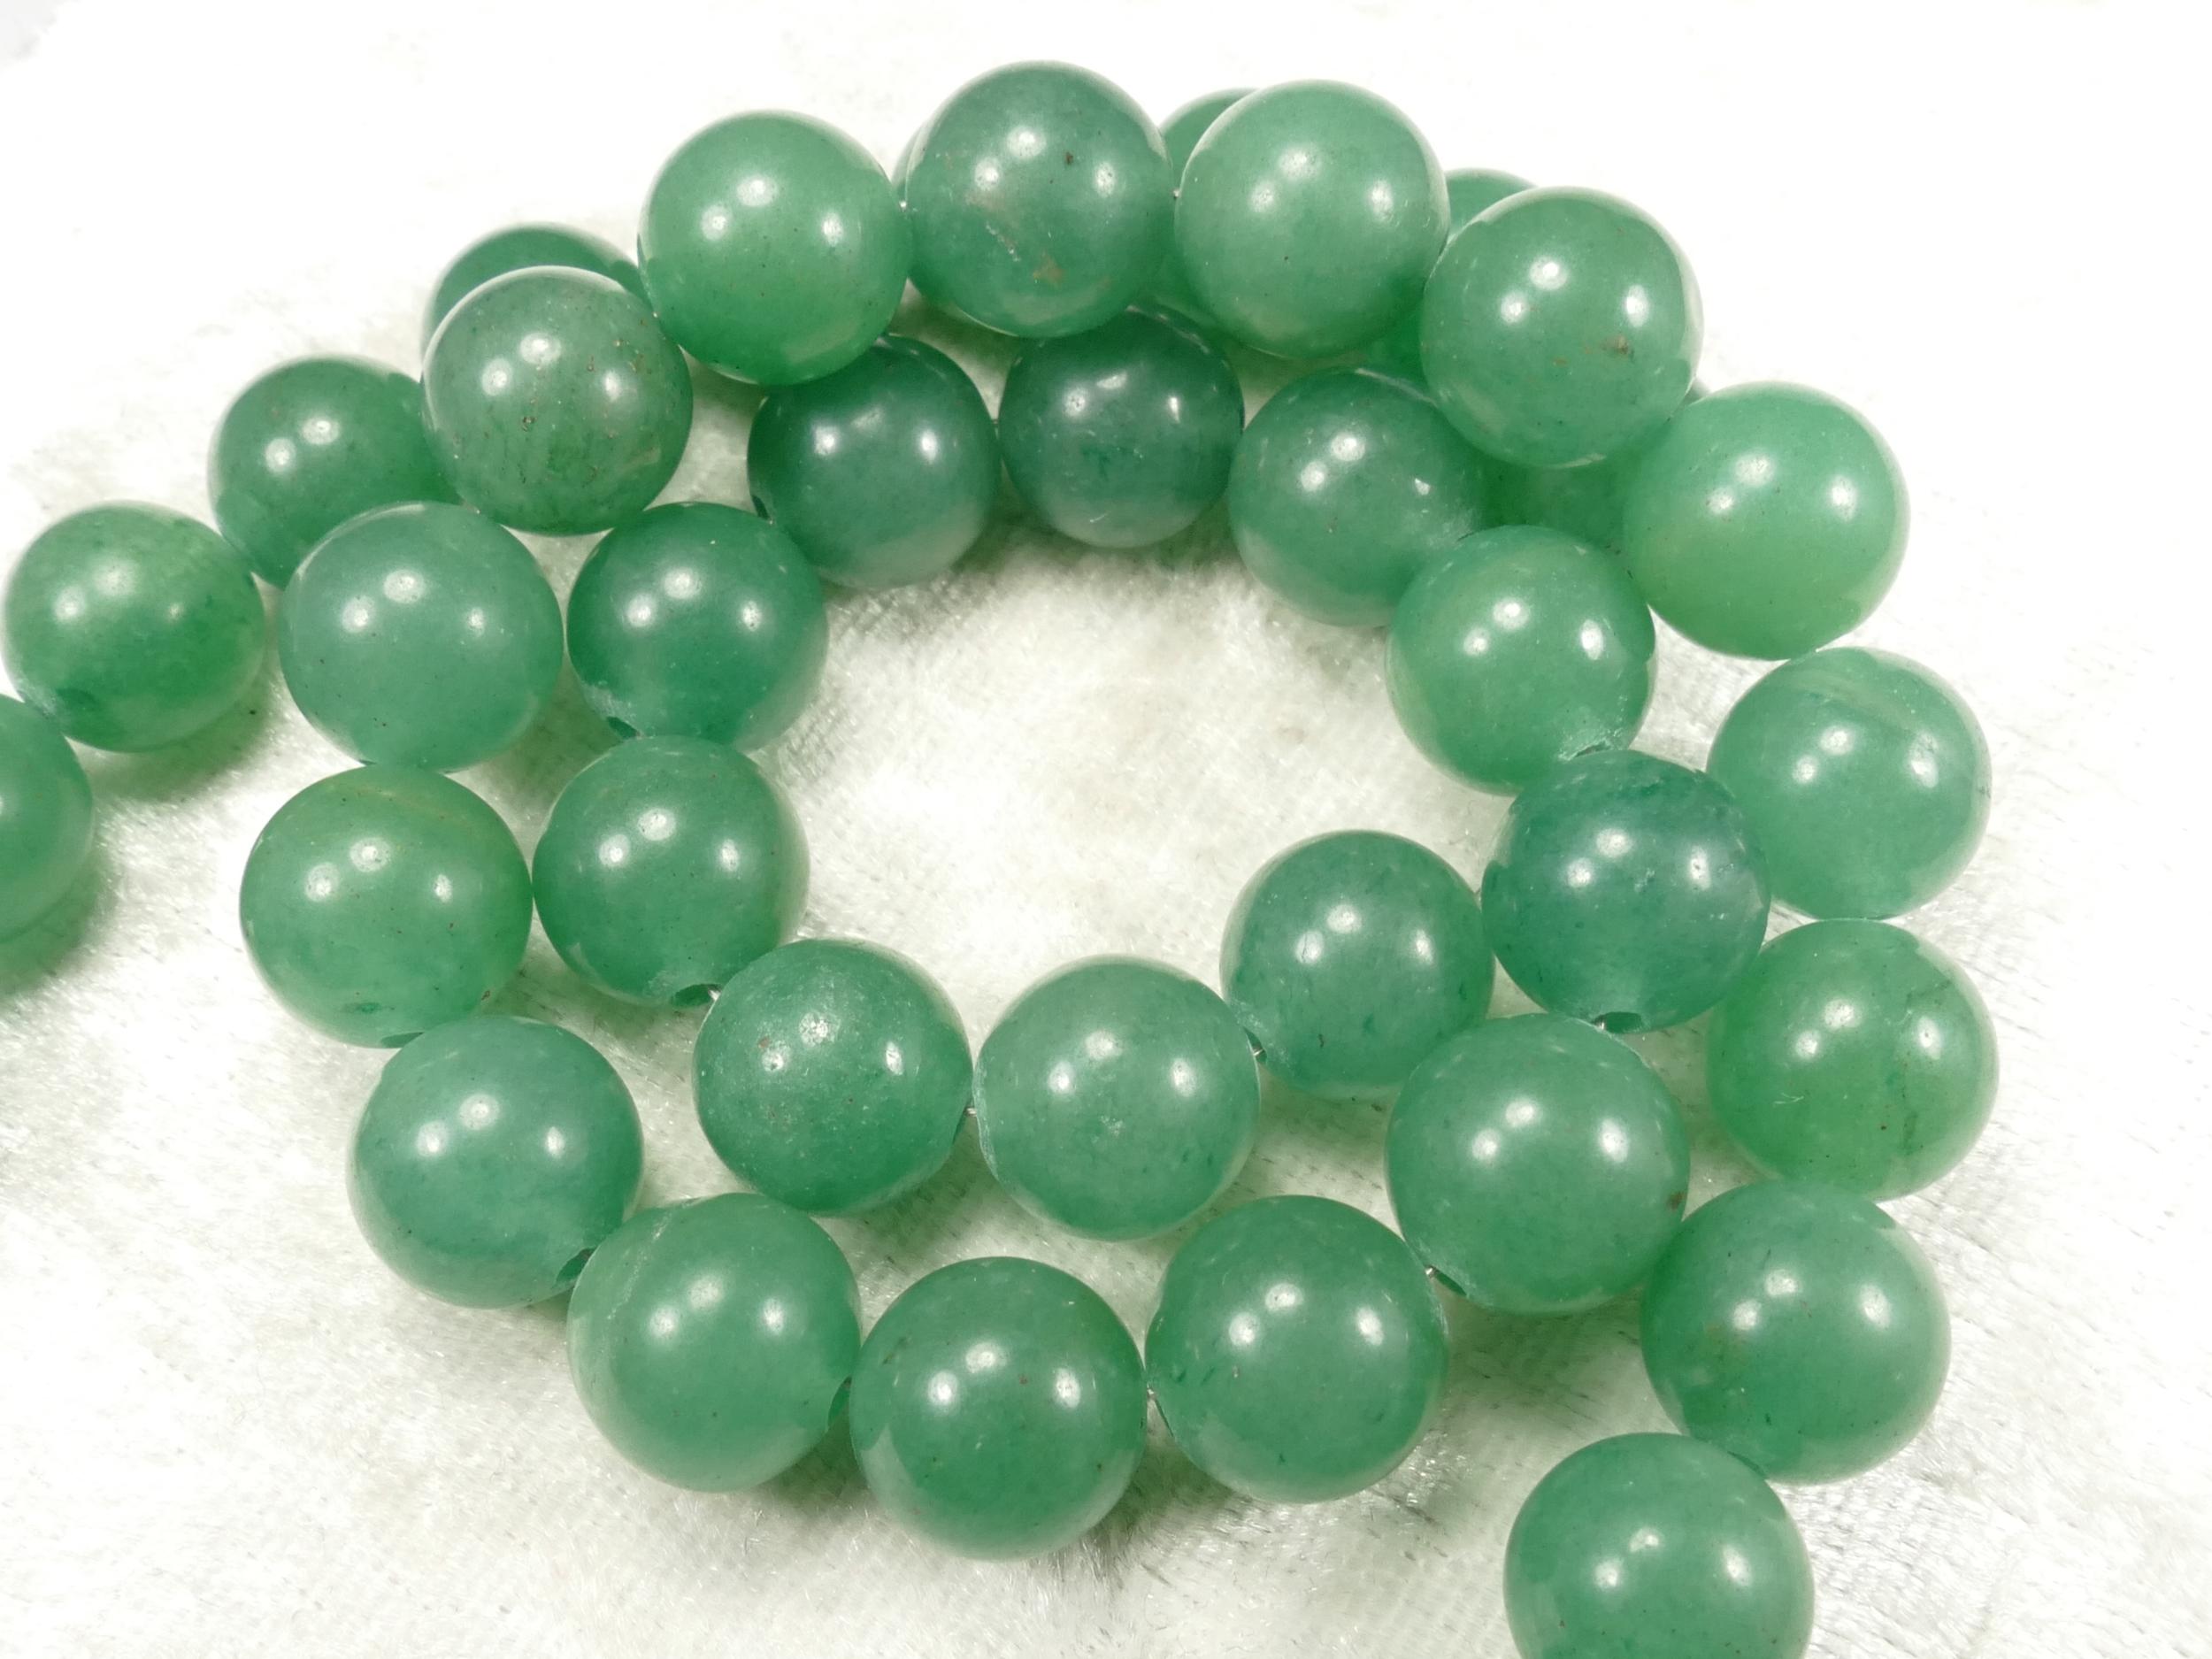 10.3/10.6mm Perles d\'Aventurine naturelle en boule / ronde lisse beau vert du Brésil x8pc (#AC655)